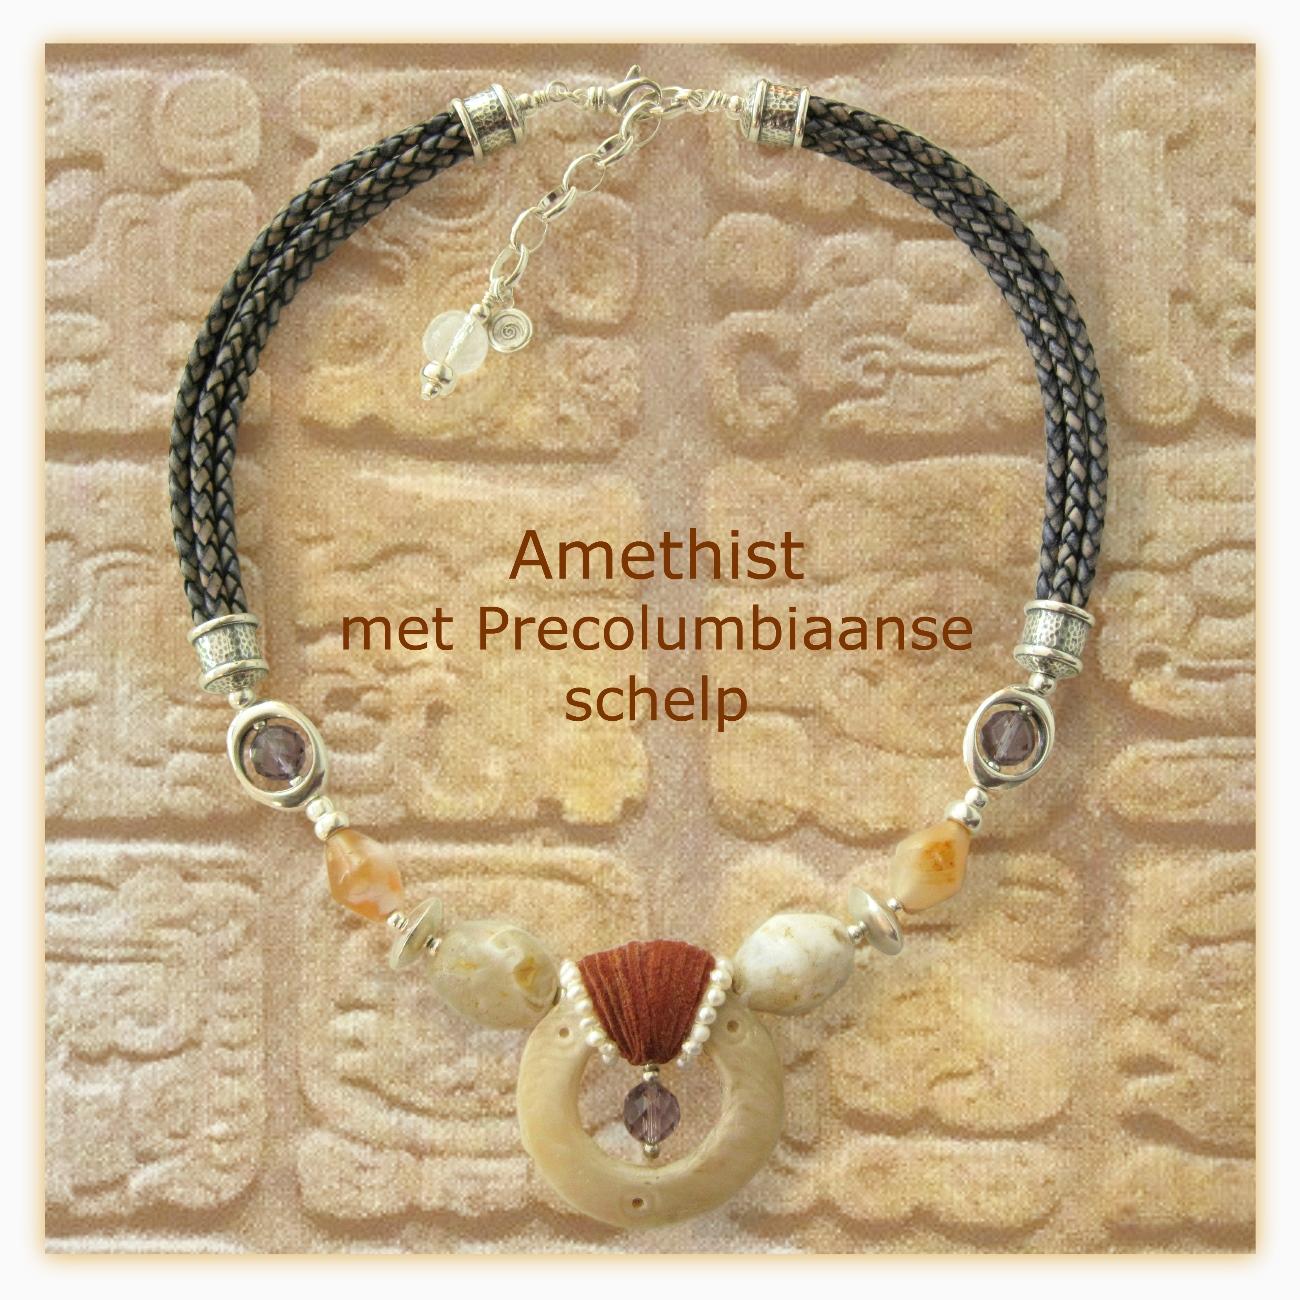 Amethist met precolumbiaanse schelp en neolithische kwarts - Kleurrijke Wereld Sieraden